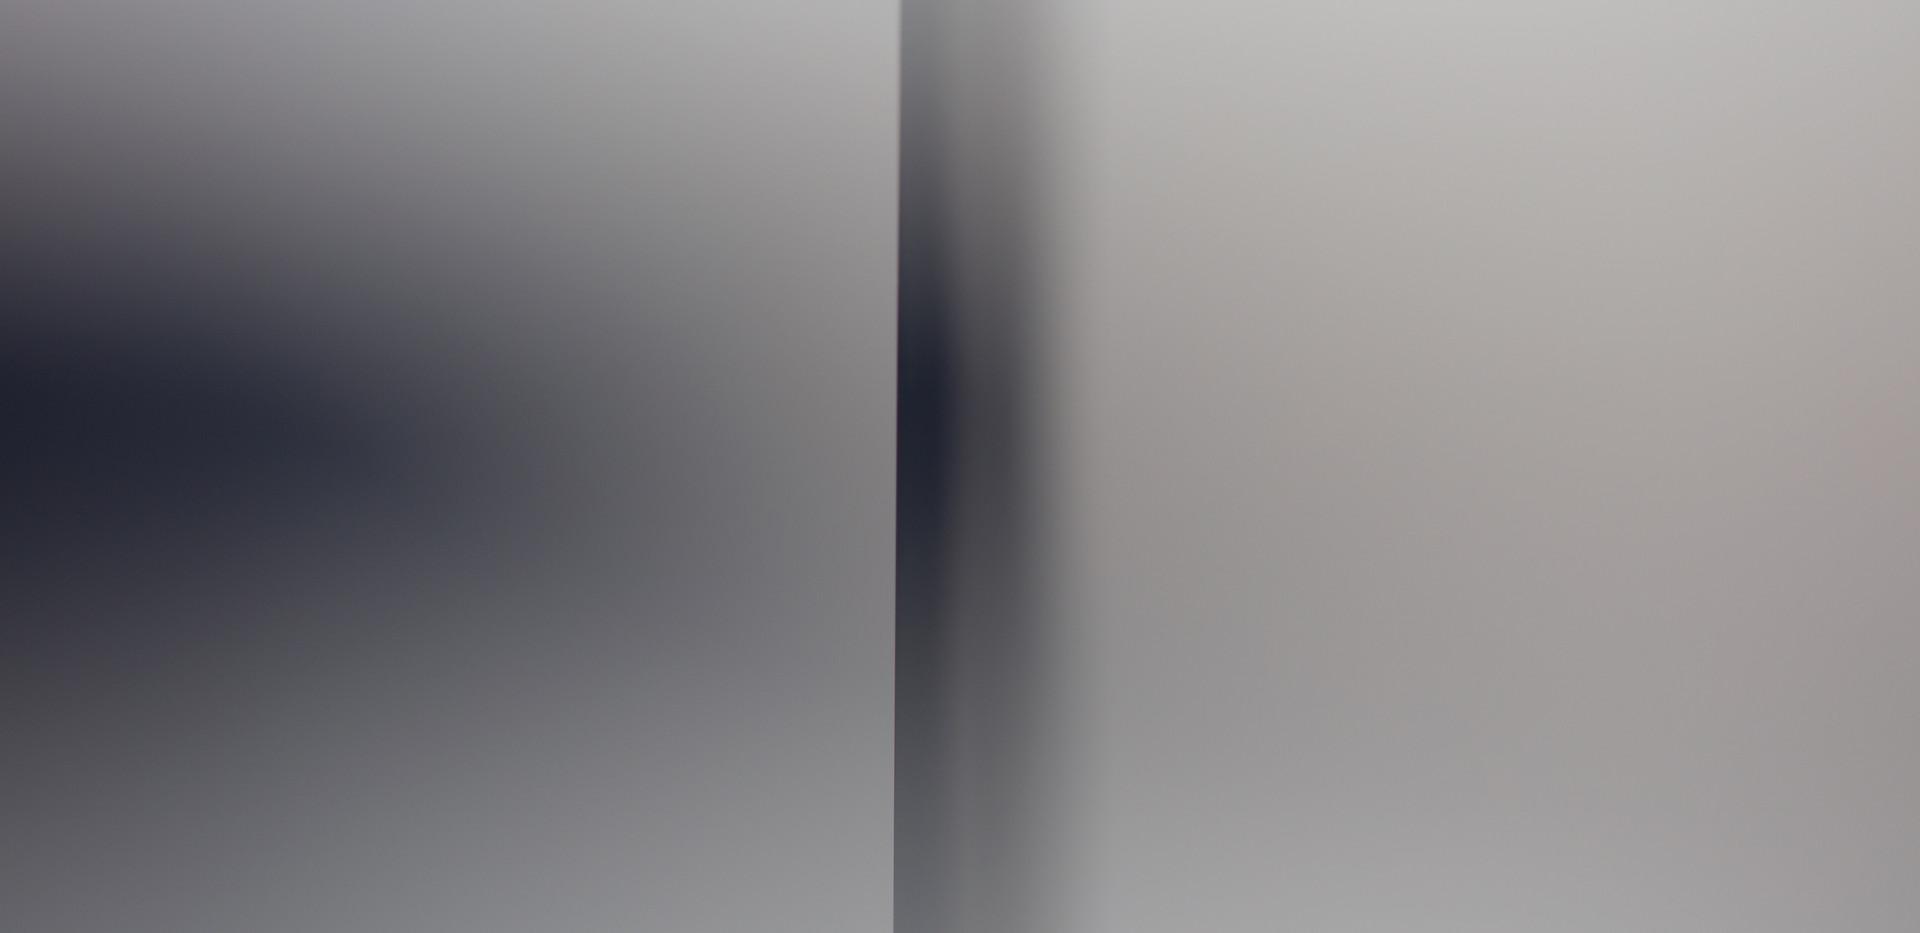 _K4A2747.jpg